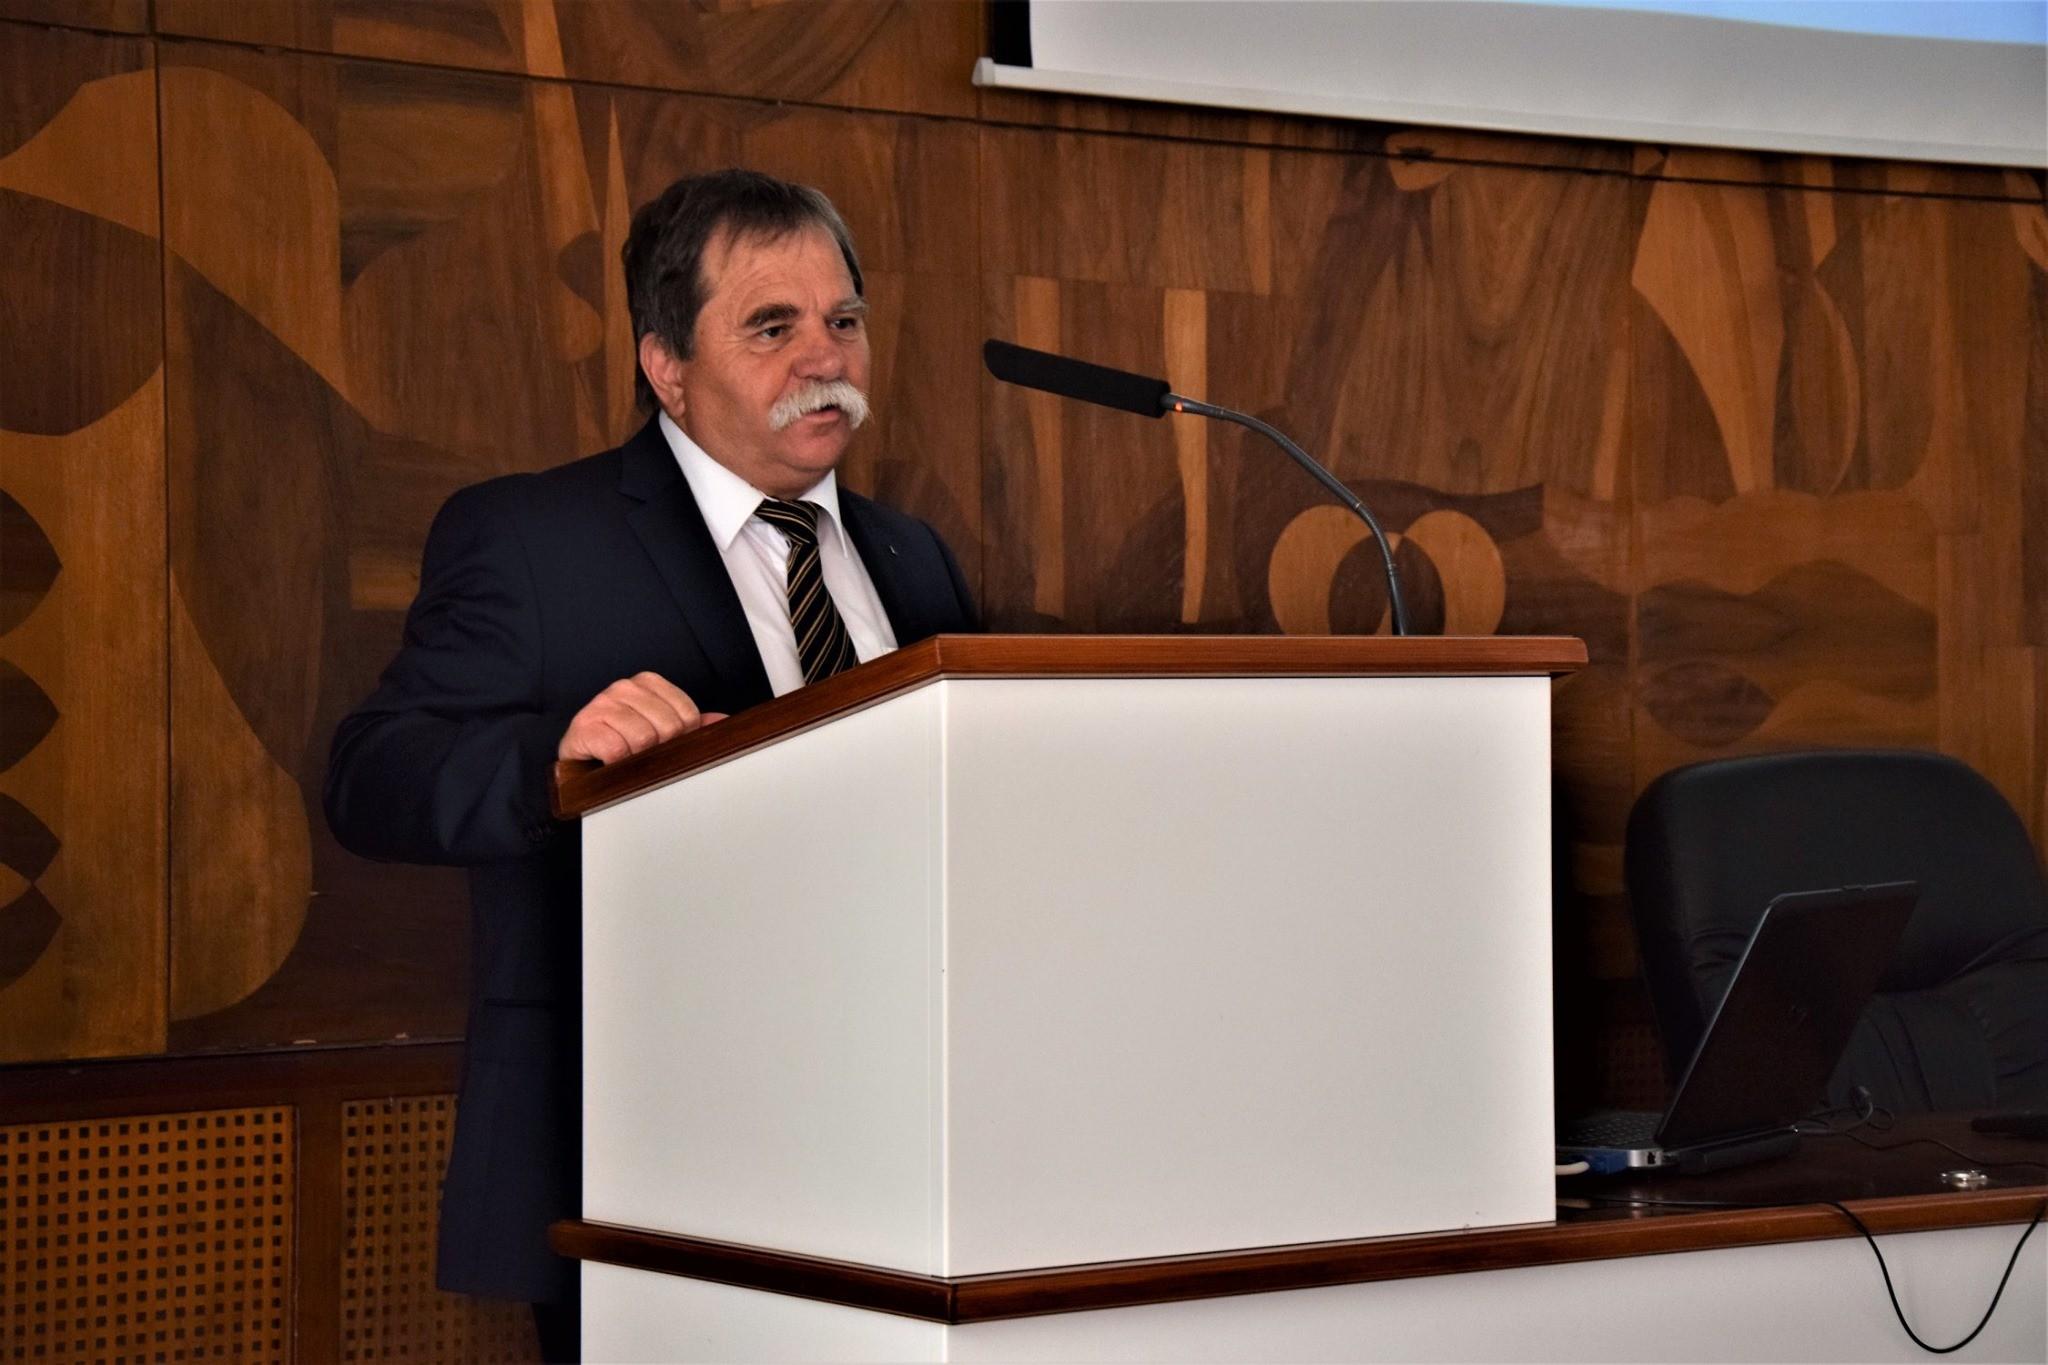 Jegyzői értekezletet tartott a Bács-Kiskun Megyei Kormányhivatal